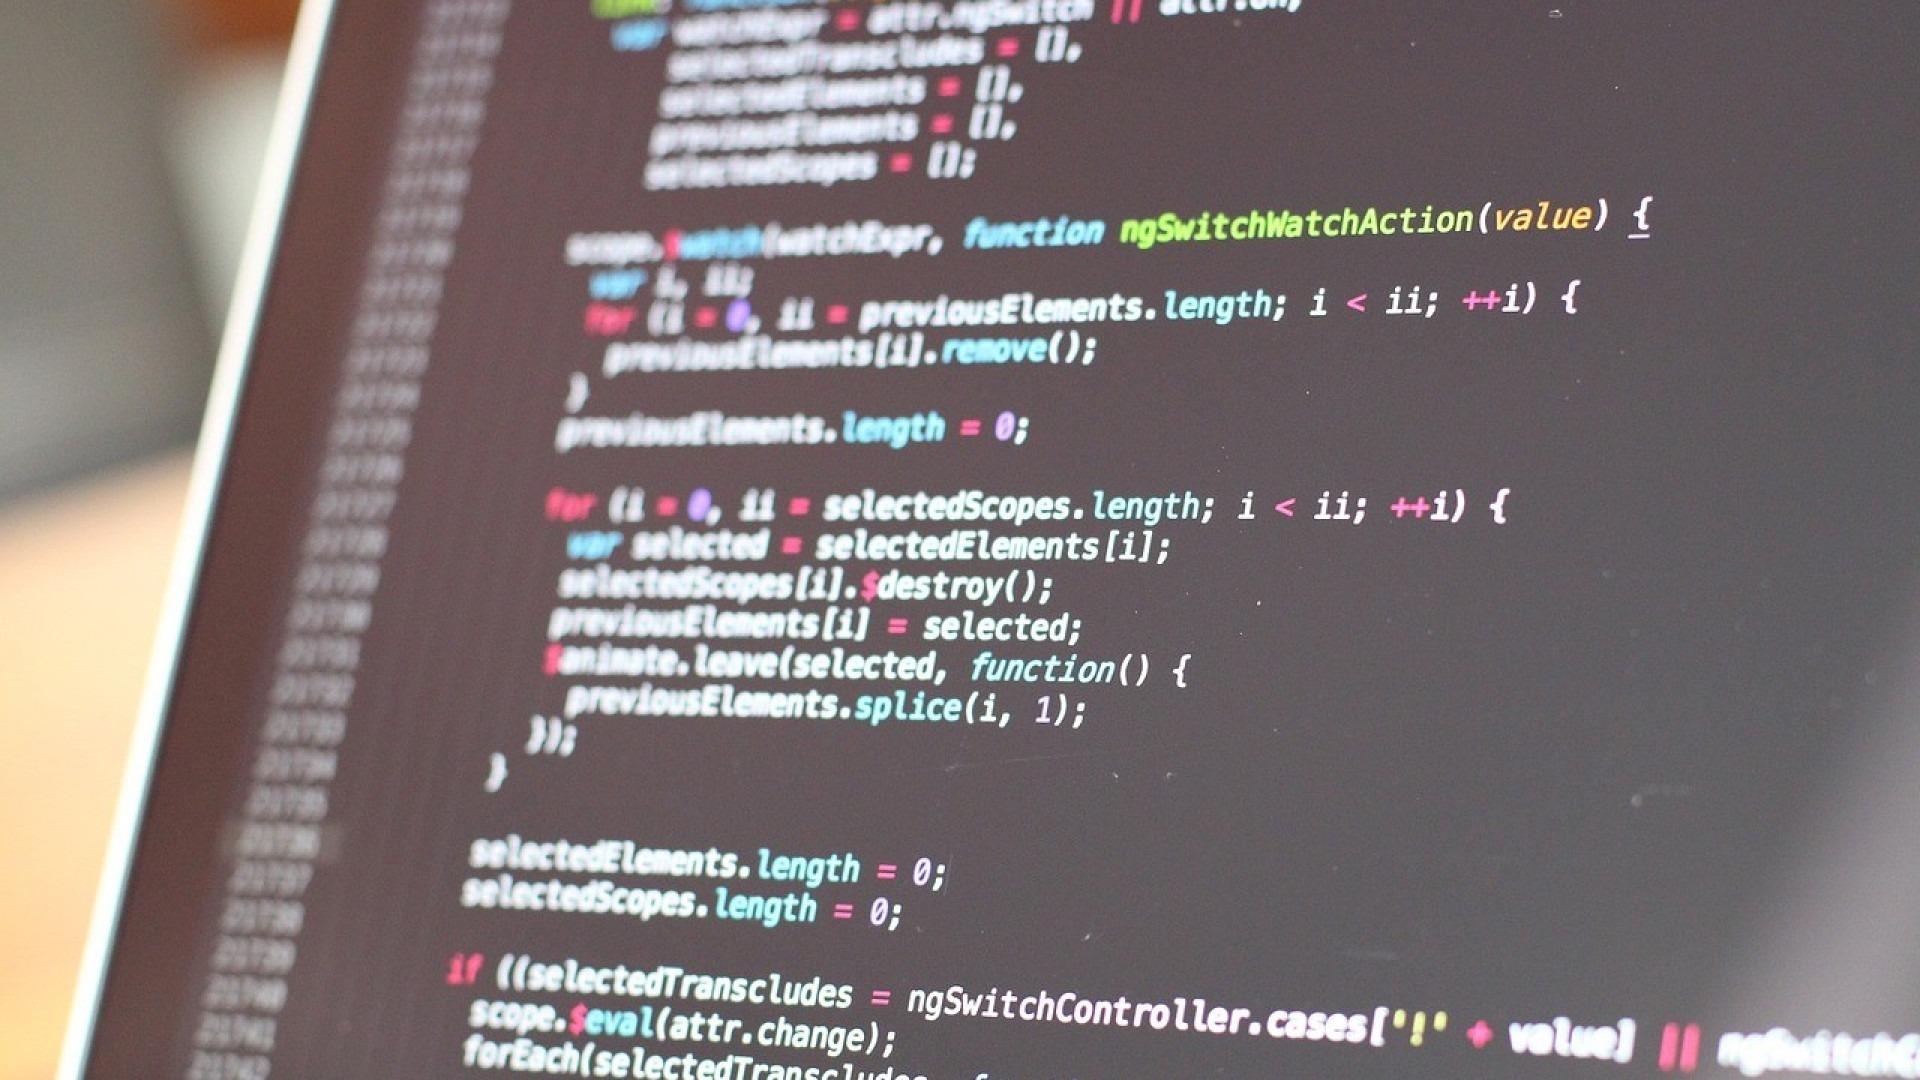 Tout ce qu'il faut savoir sur le programmatique